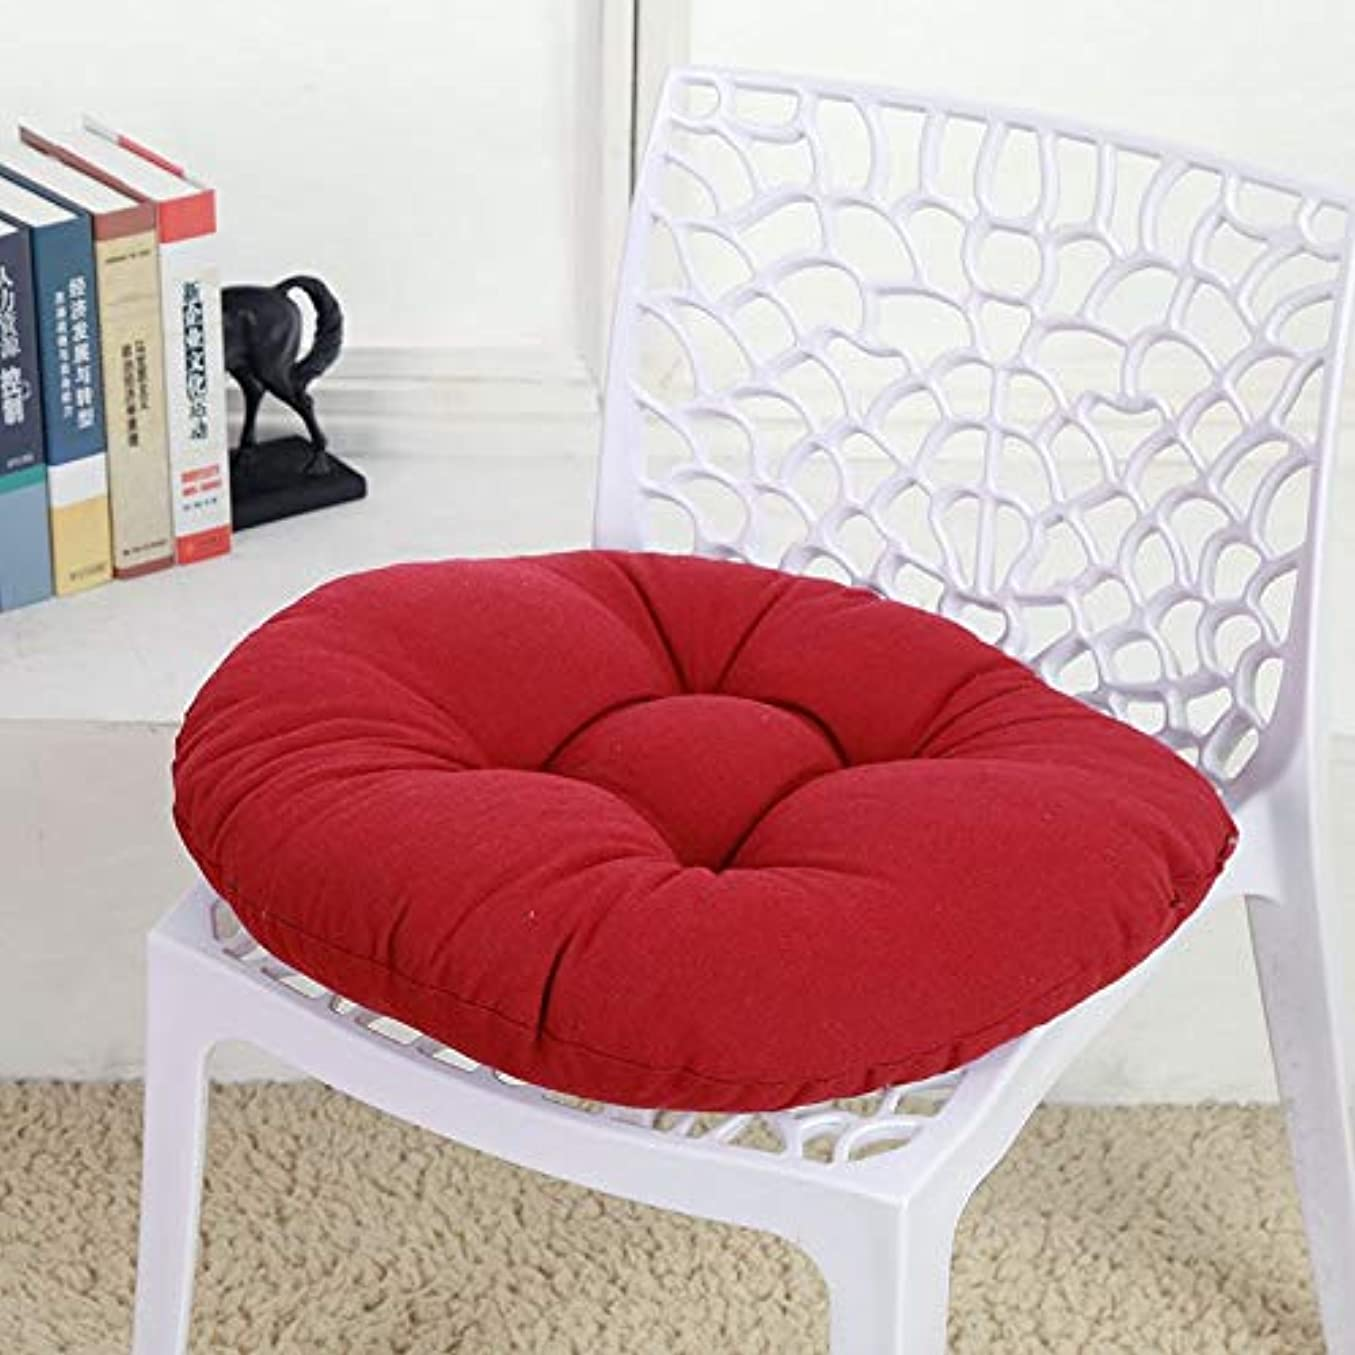 小康フェザー機動LIFE キャンディカラーのクッションラウンドシートクッション波ウィンドウシートクッションクッション家の装飾パッドラウンド枕シート枕椅子座る枕 クッション 椅子